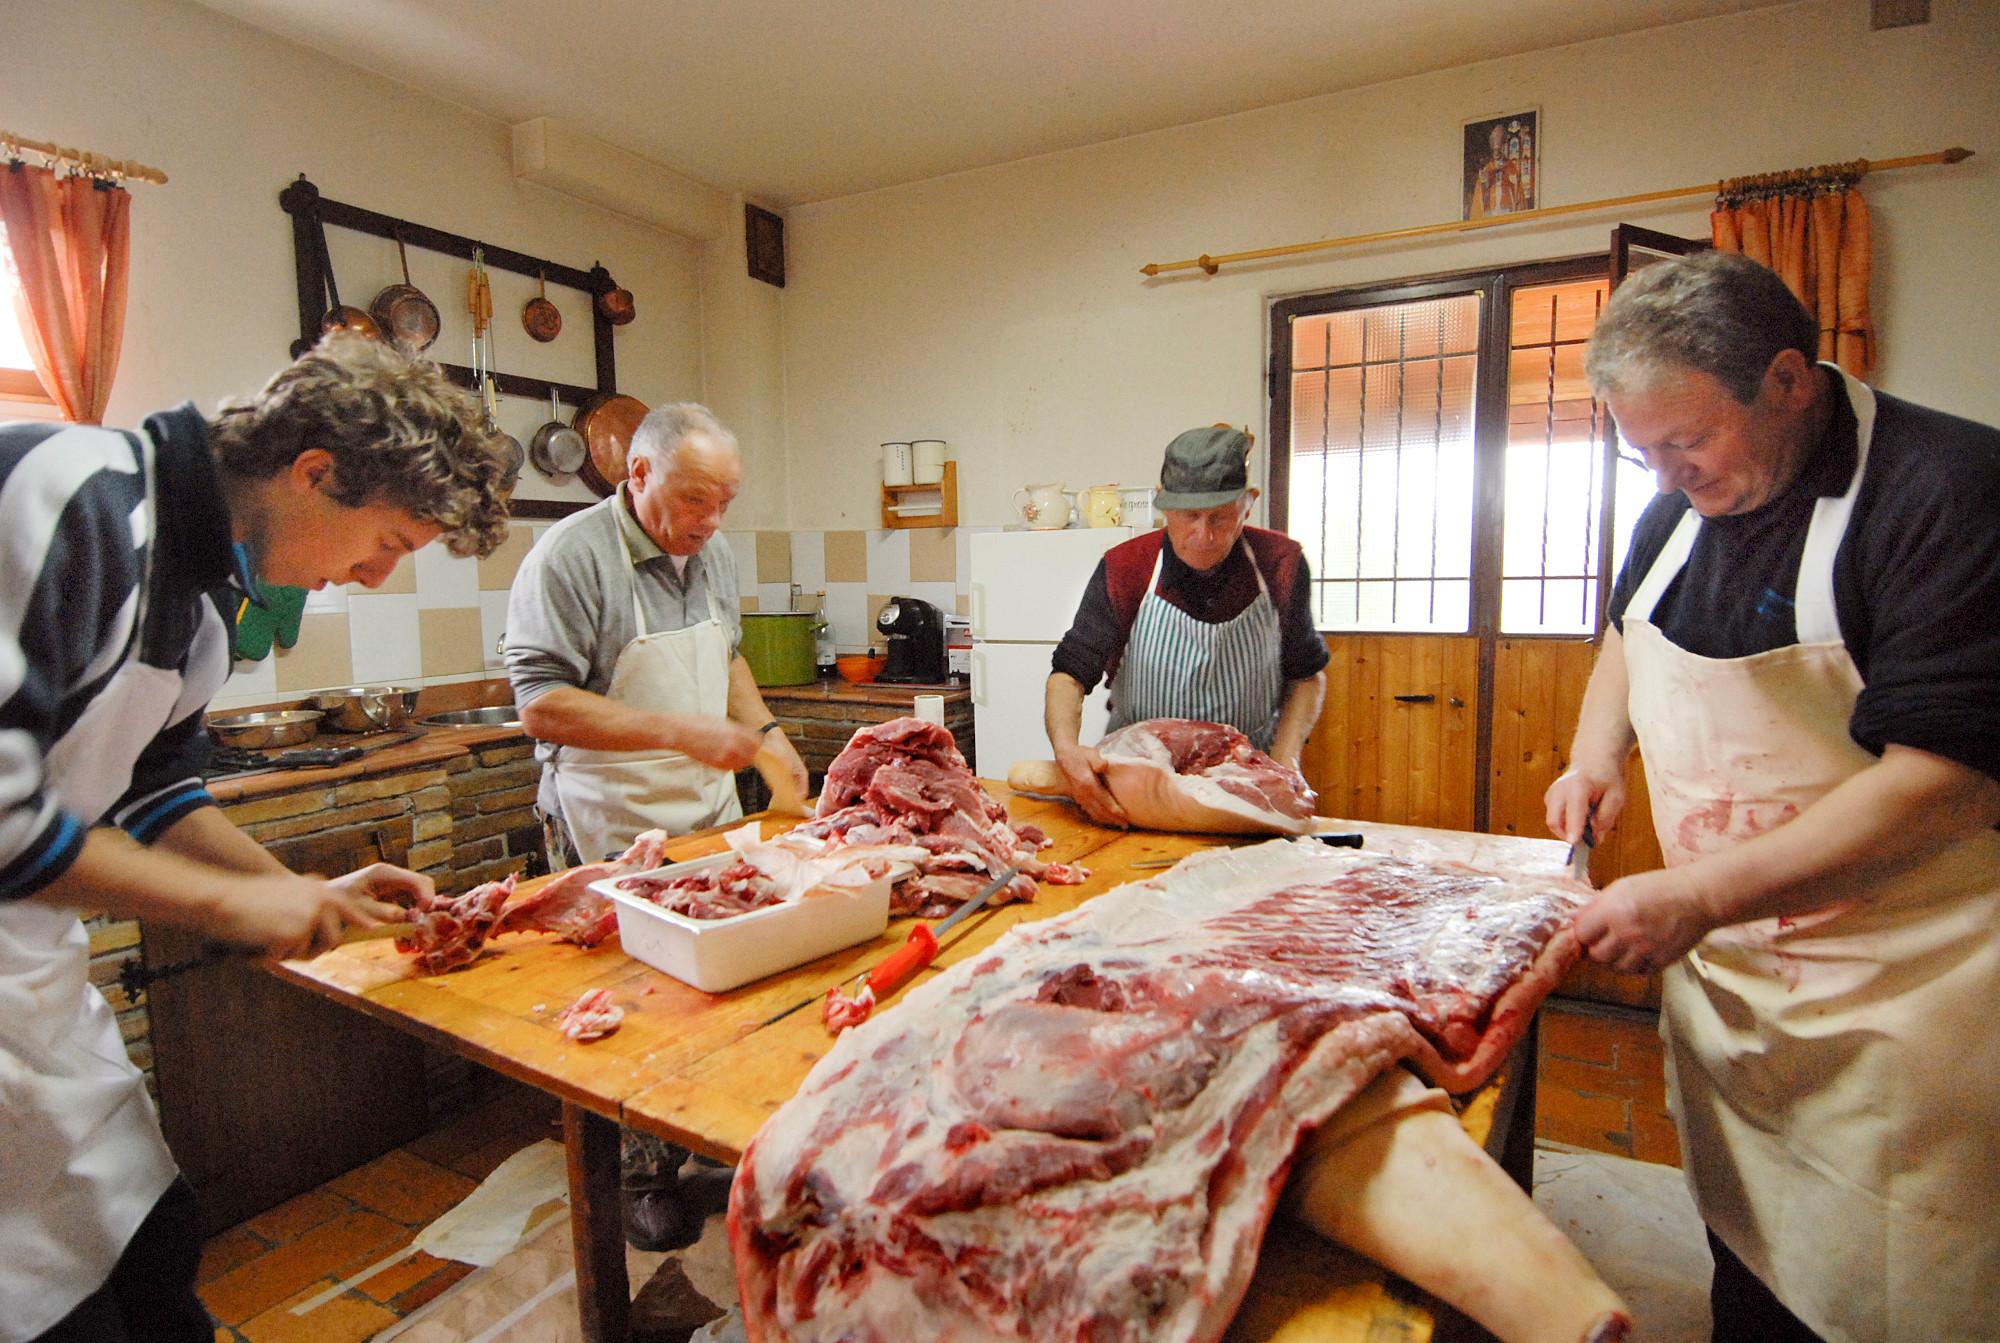 quattro persone attorno a un tavolo di legno intente a separare le varie parti del maiale macellato per ricavarne salumi e altri prodotti.